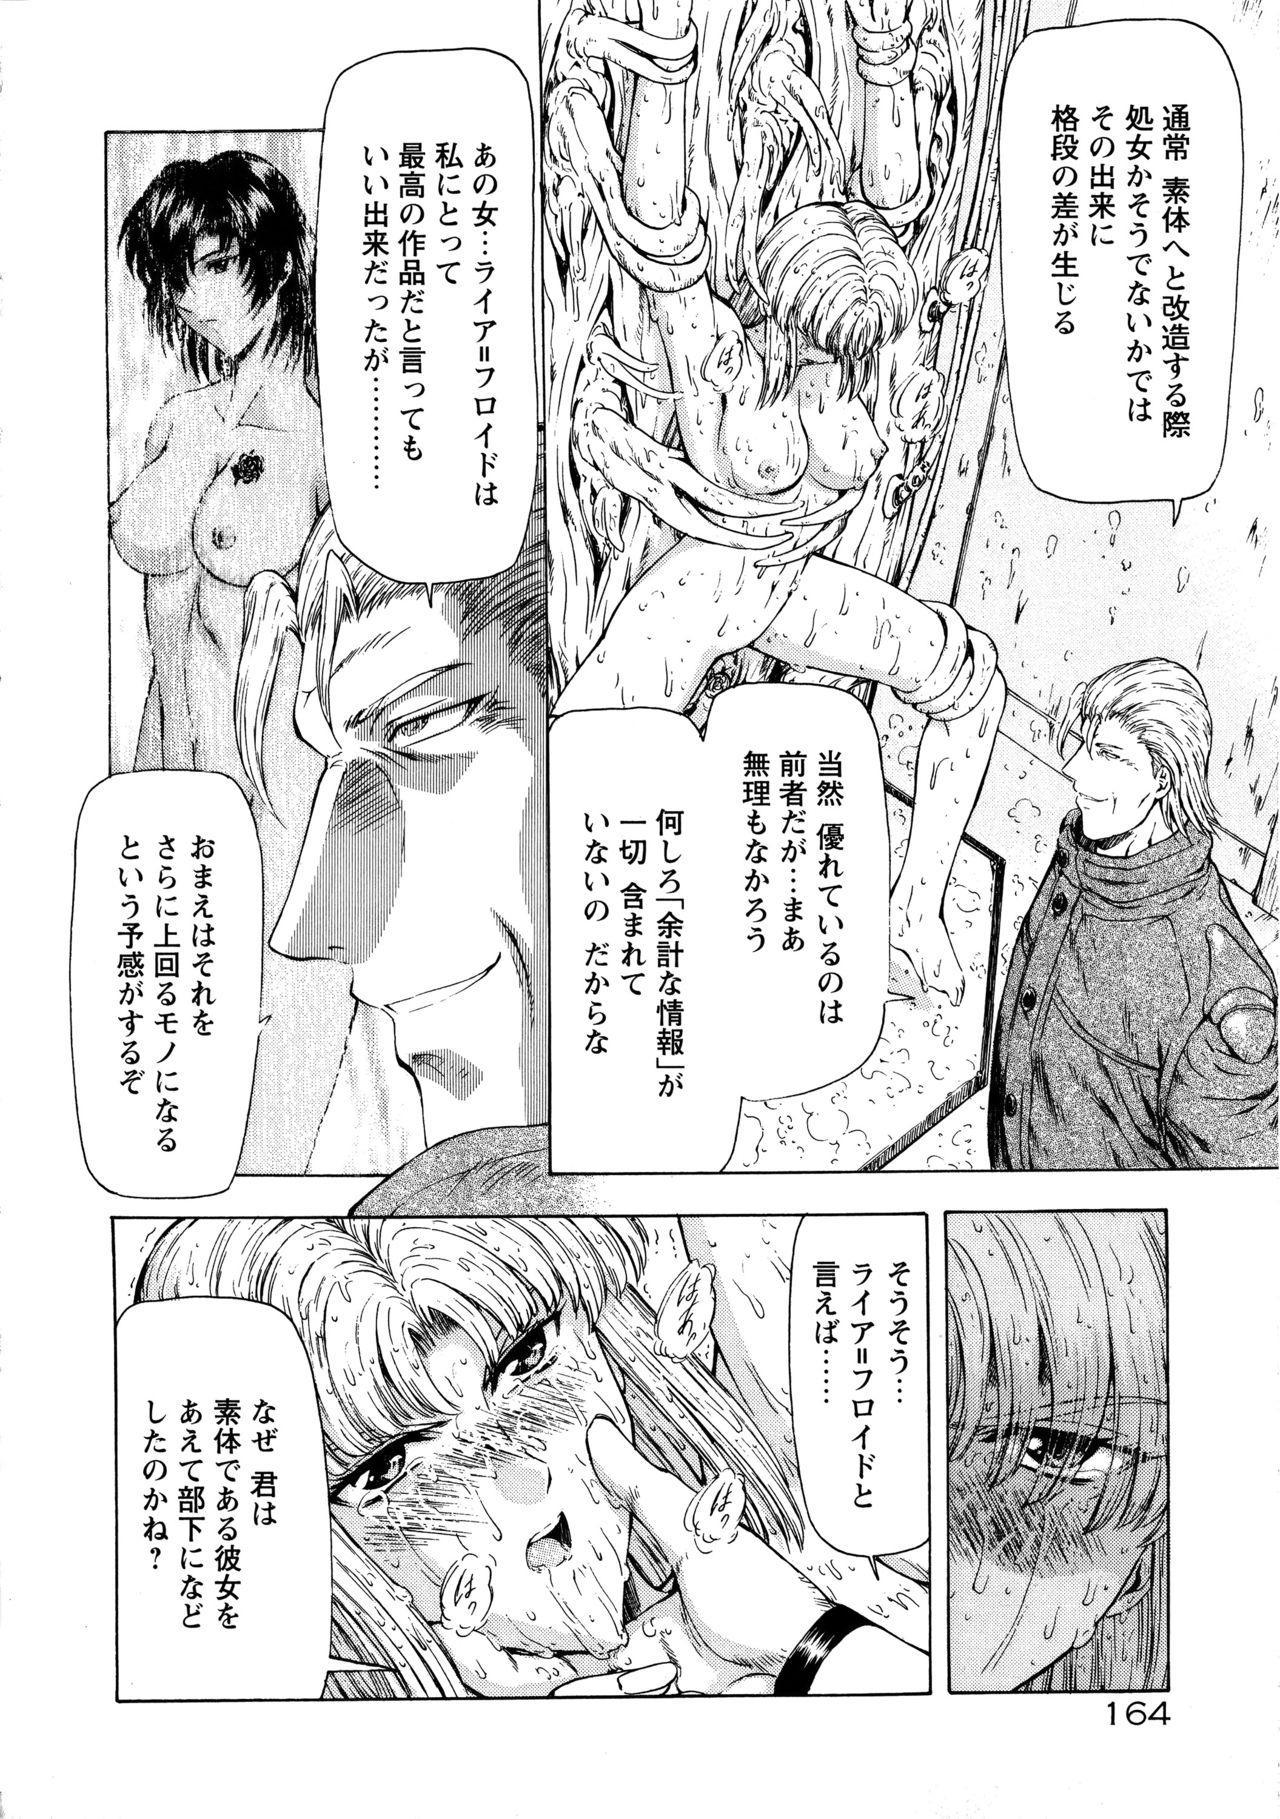 Ginryuu no Reimei Vol. 1 171